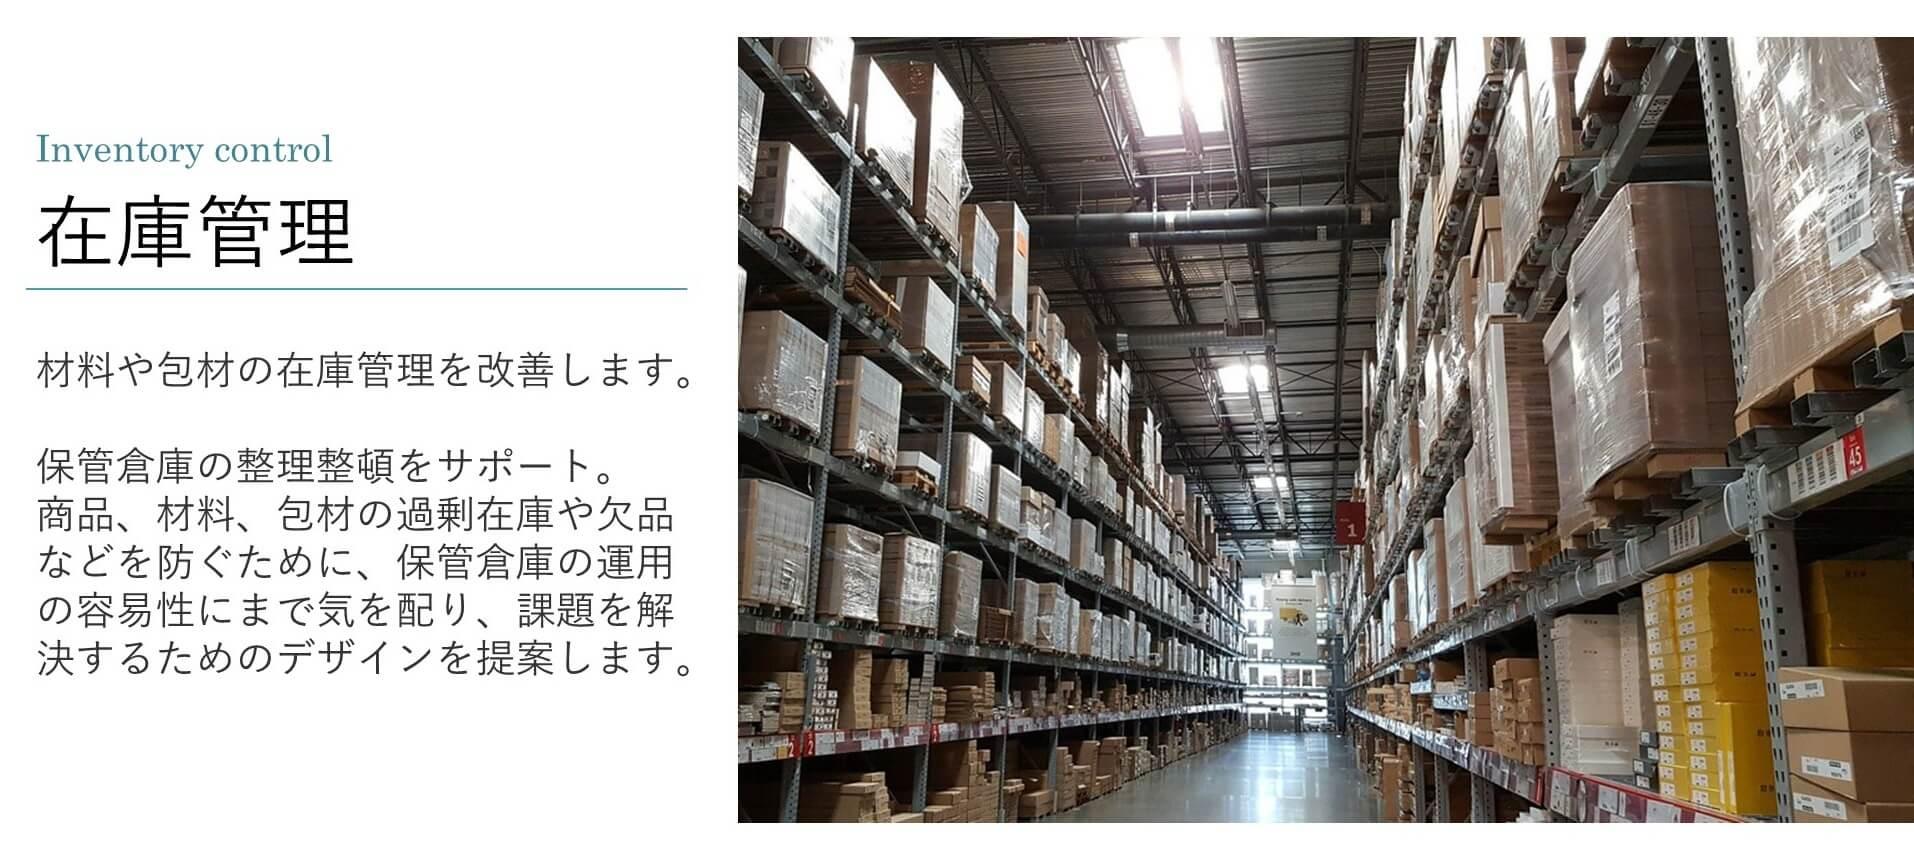 材料や包材の在庫管理を改善します。  保管倉庫の整理整頓をサポート。 商品、材料、包材の過剰在庫や欠品などを防ぐために、保管倉庫の運用の容易性にまで気を配り、課題を解決するためのデザインを提案します。